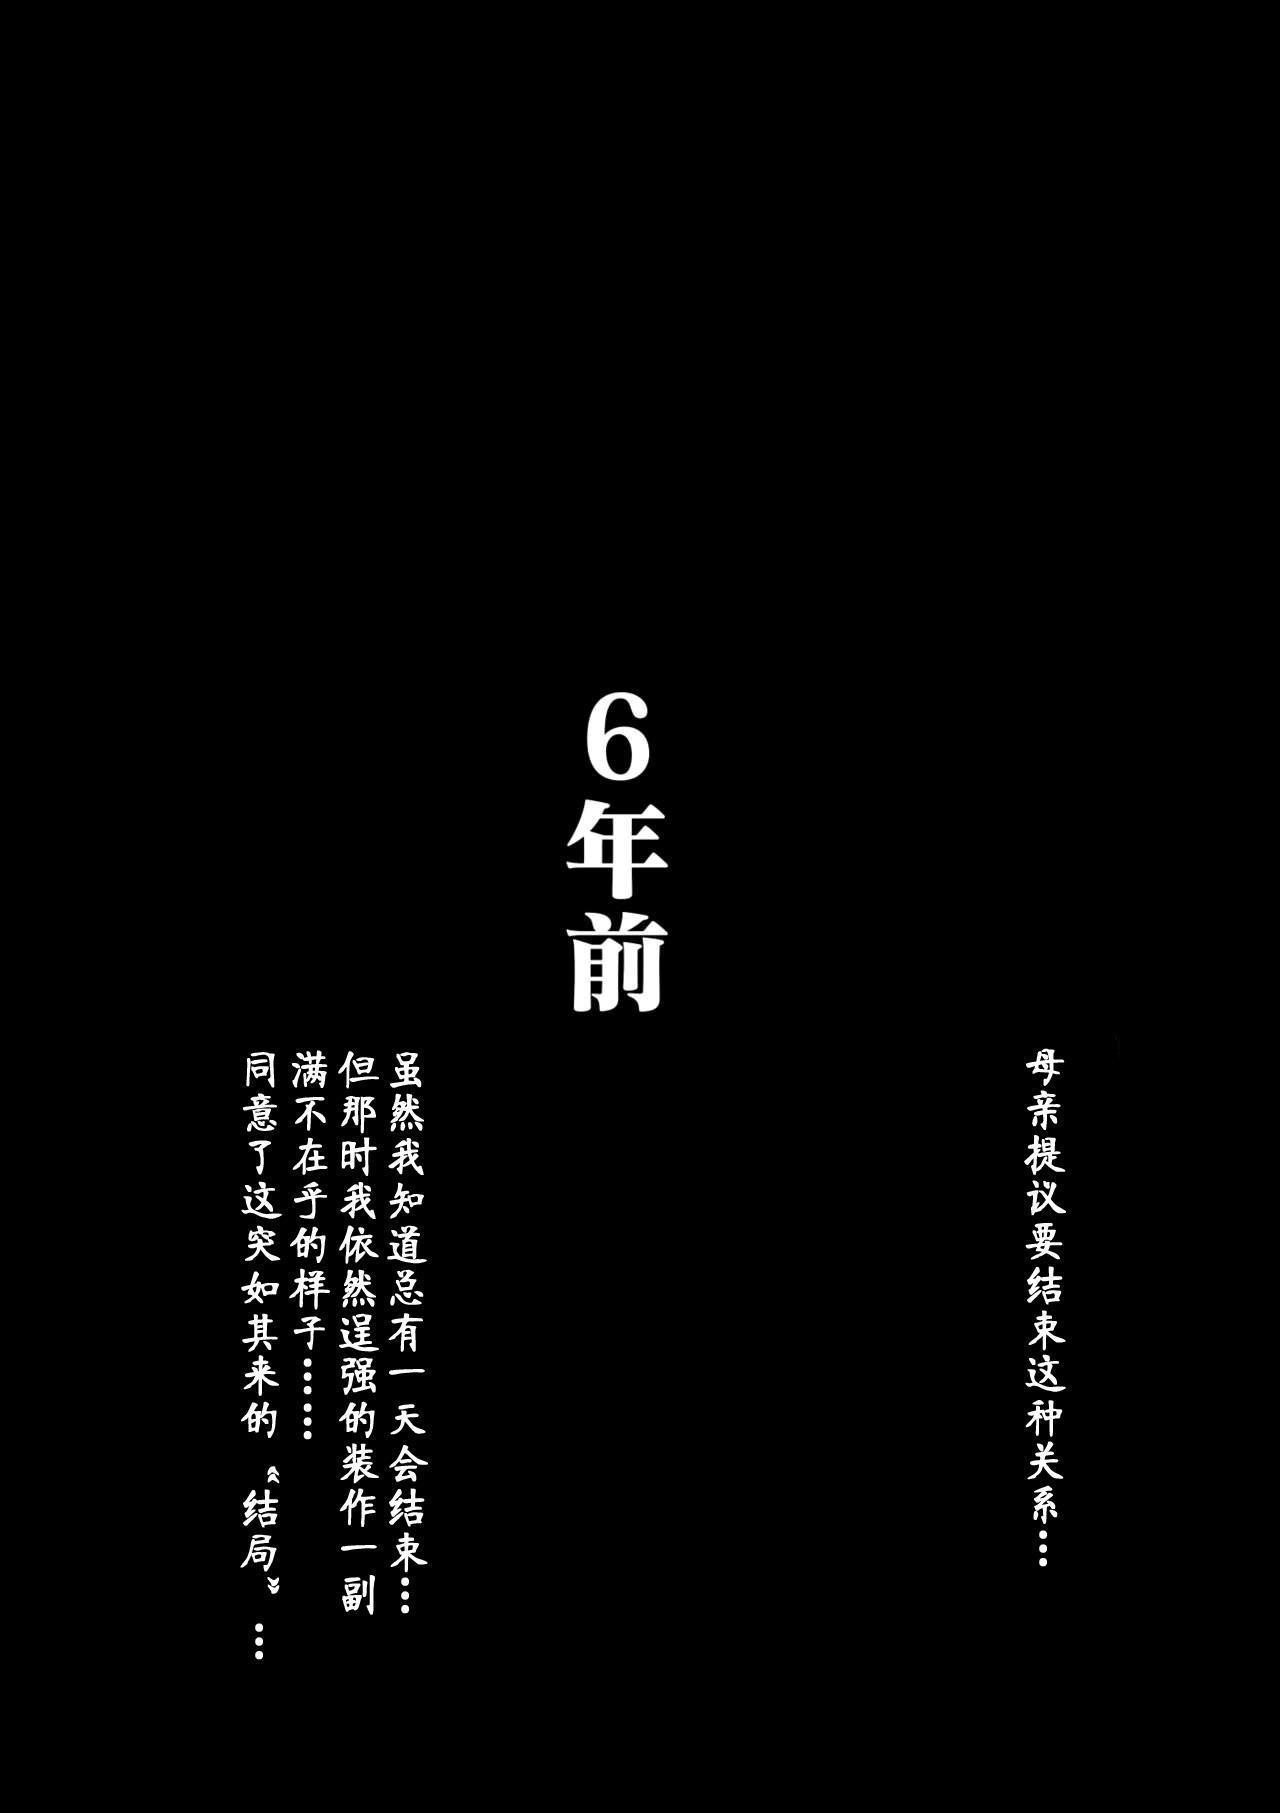 [Oozora Kaiko] Kaa-san to Ore no 20-nenshi ~Waga Ie no Kinshin Soukan Kaikoroku [Chinese] [金麦基个人汉化] 27